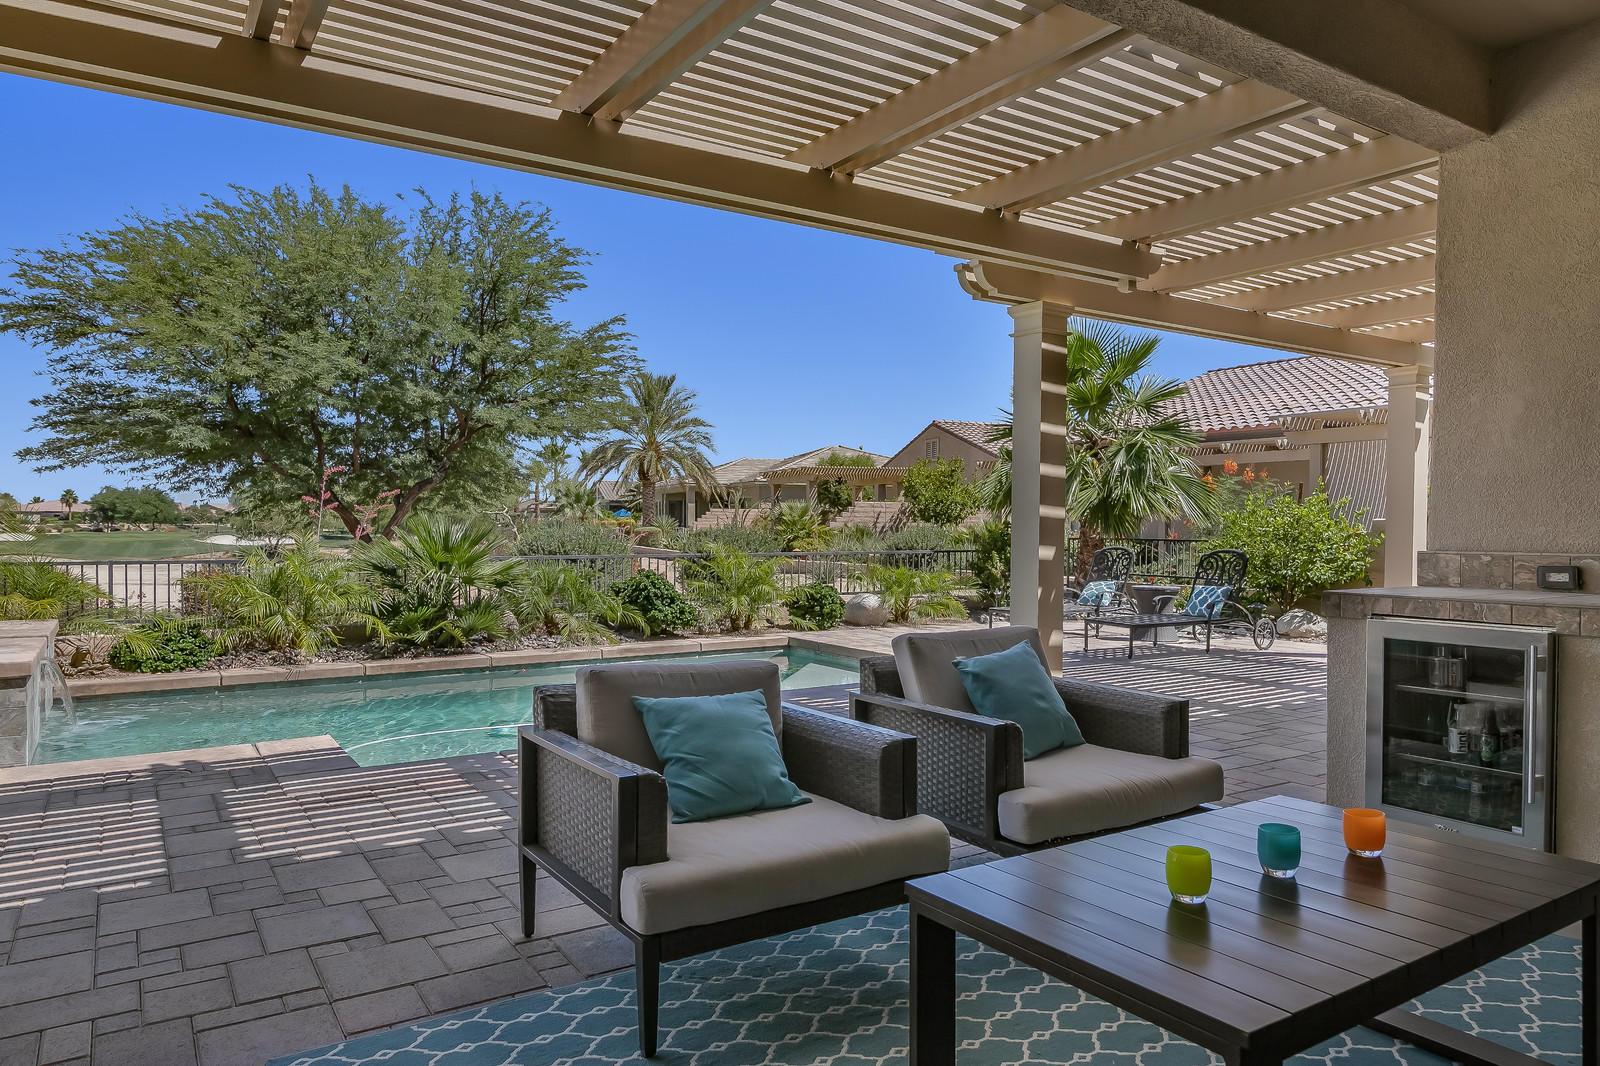 38864 Camino Buendia, Indio, California 92203, 3 Bedrooms Bedrooms, ,2 BathroomsBathrooms,Residential,For Sale,38864 Camino Buendia,219043726